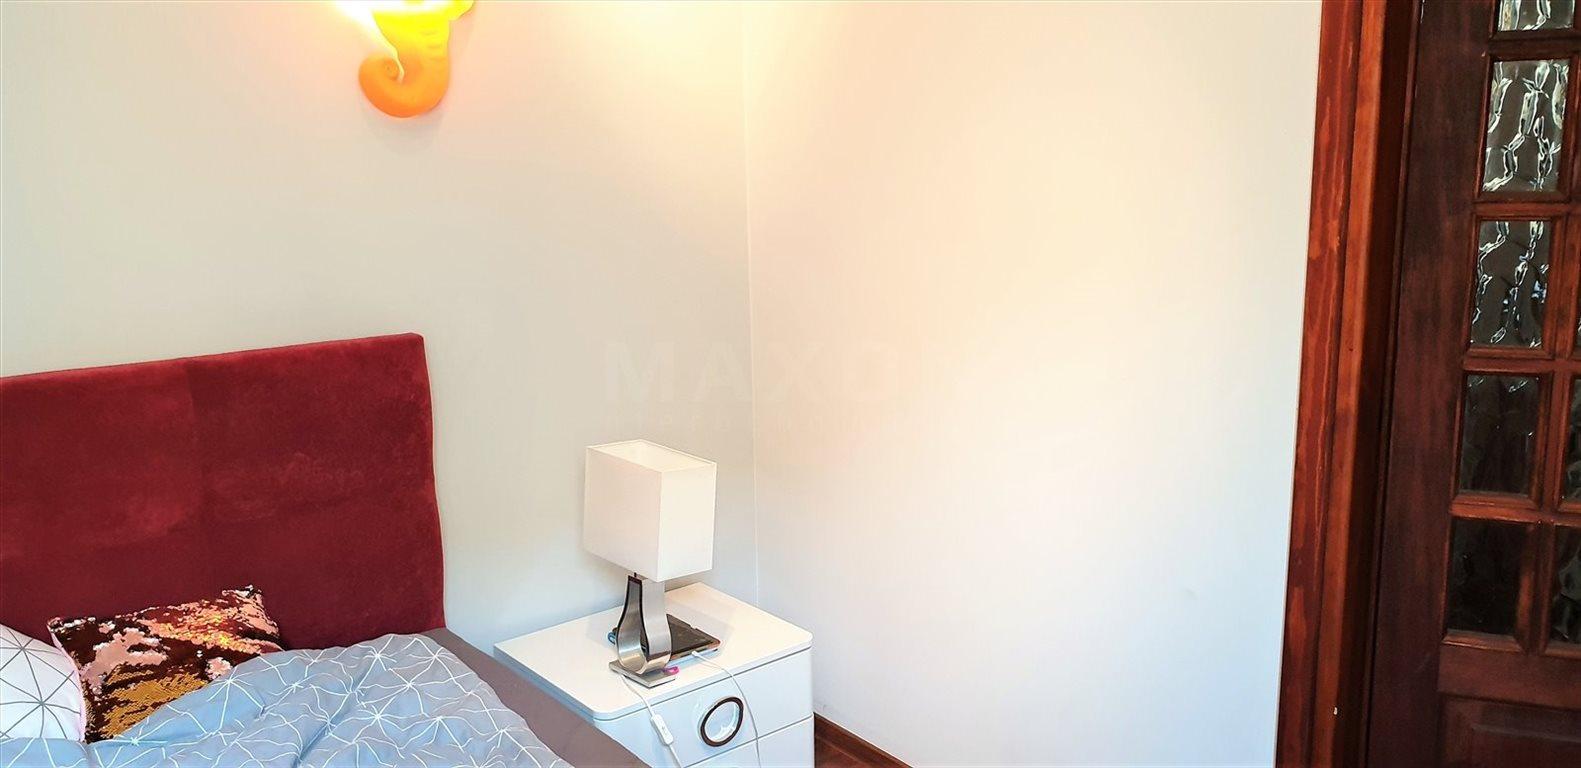 Mieszkanie trzypokojowe na sprzedaż Ząbki, ul. Powstańców  73m2 Foto 13